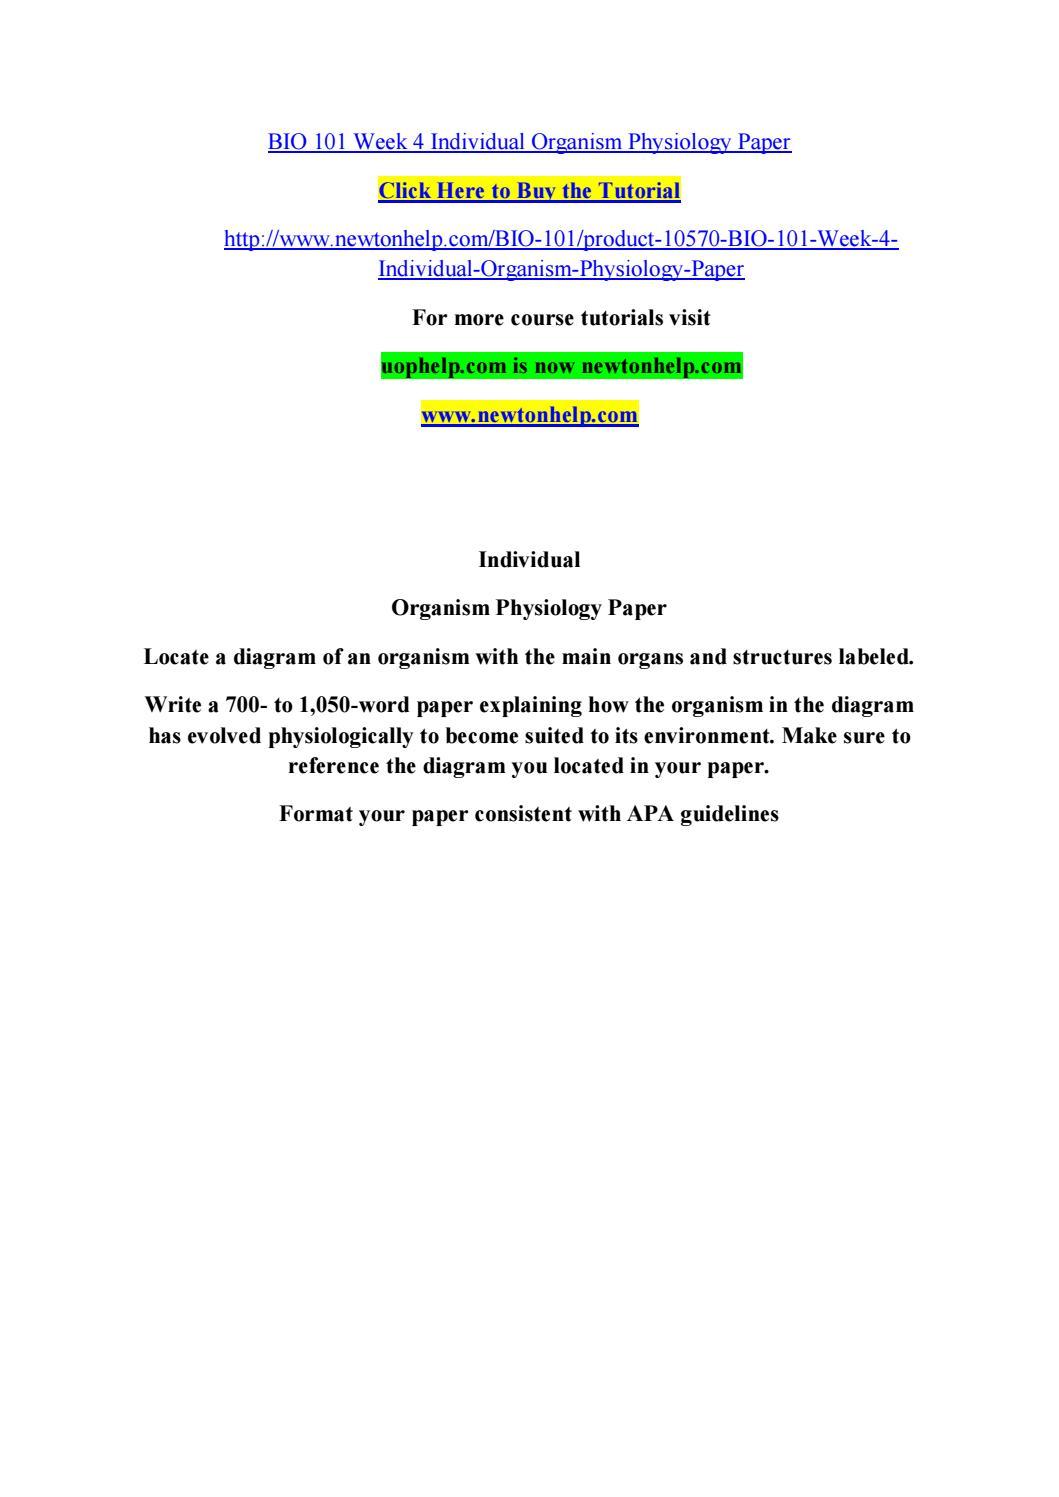 Bio 101 week 4 organism phy